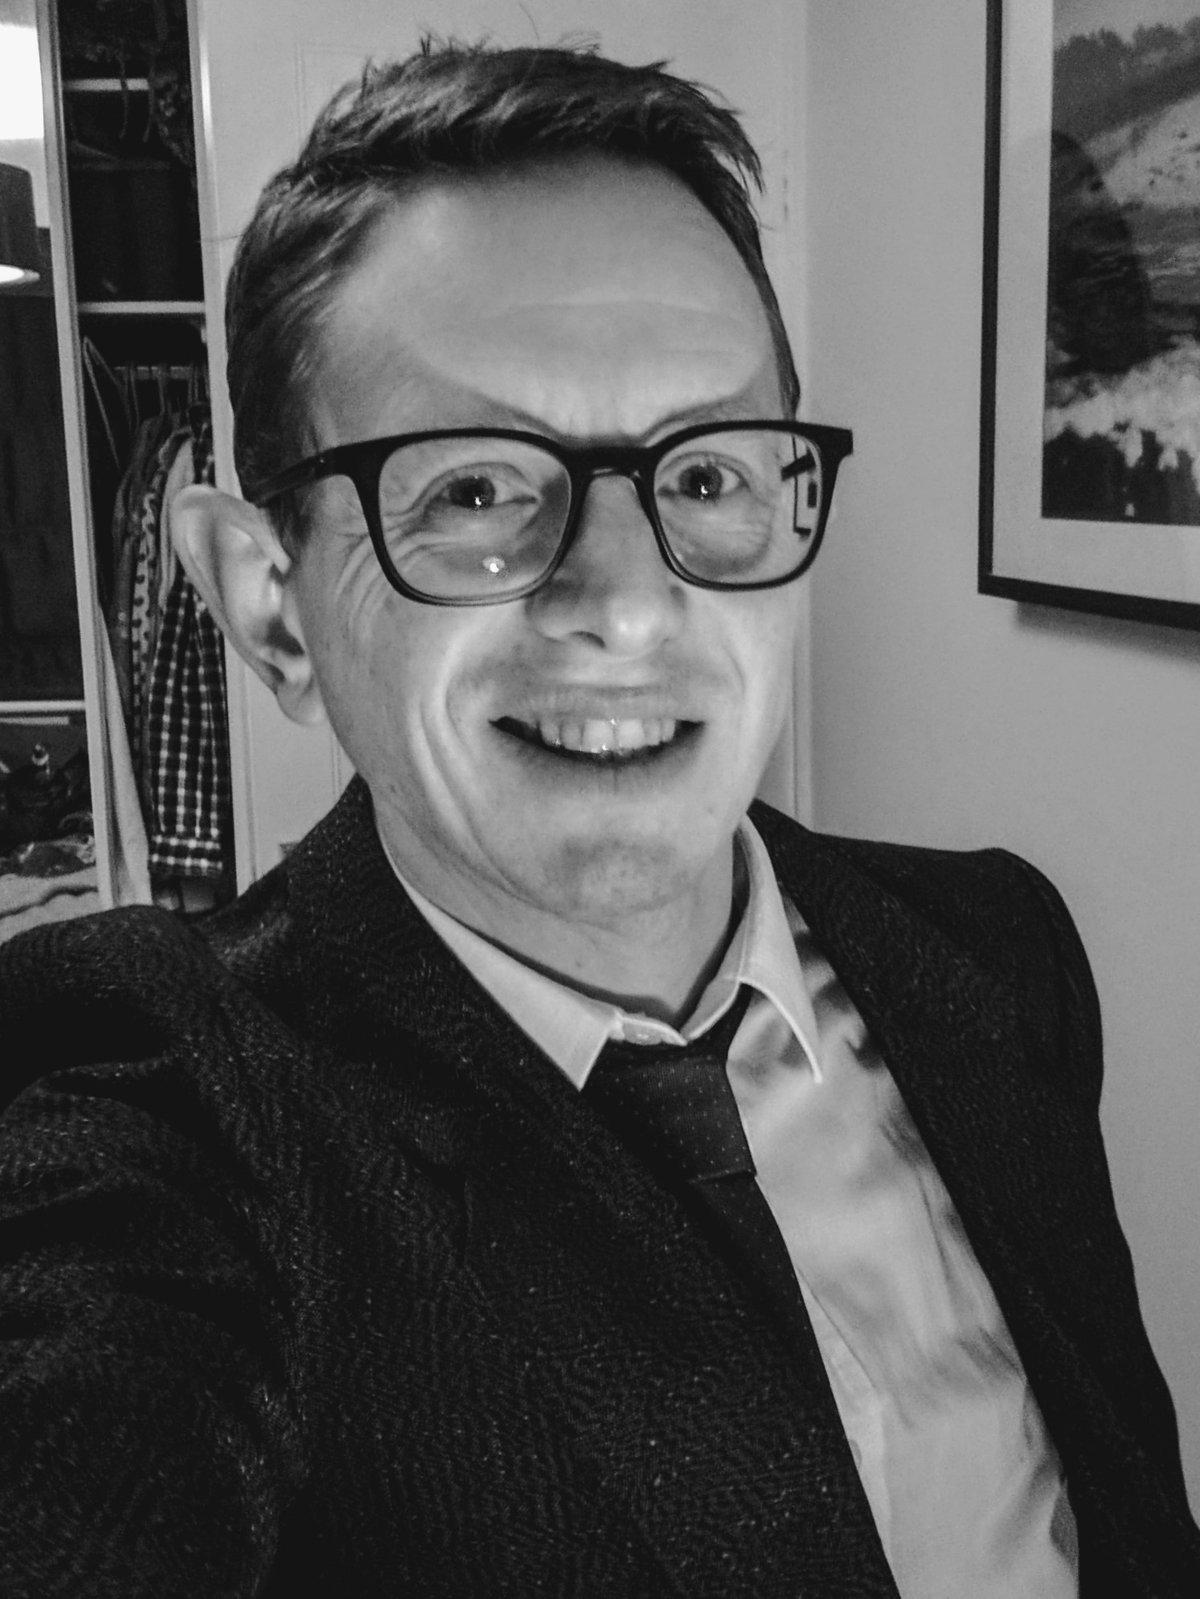 Matt Batten, Director of Communications and Outreach